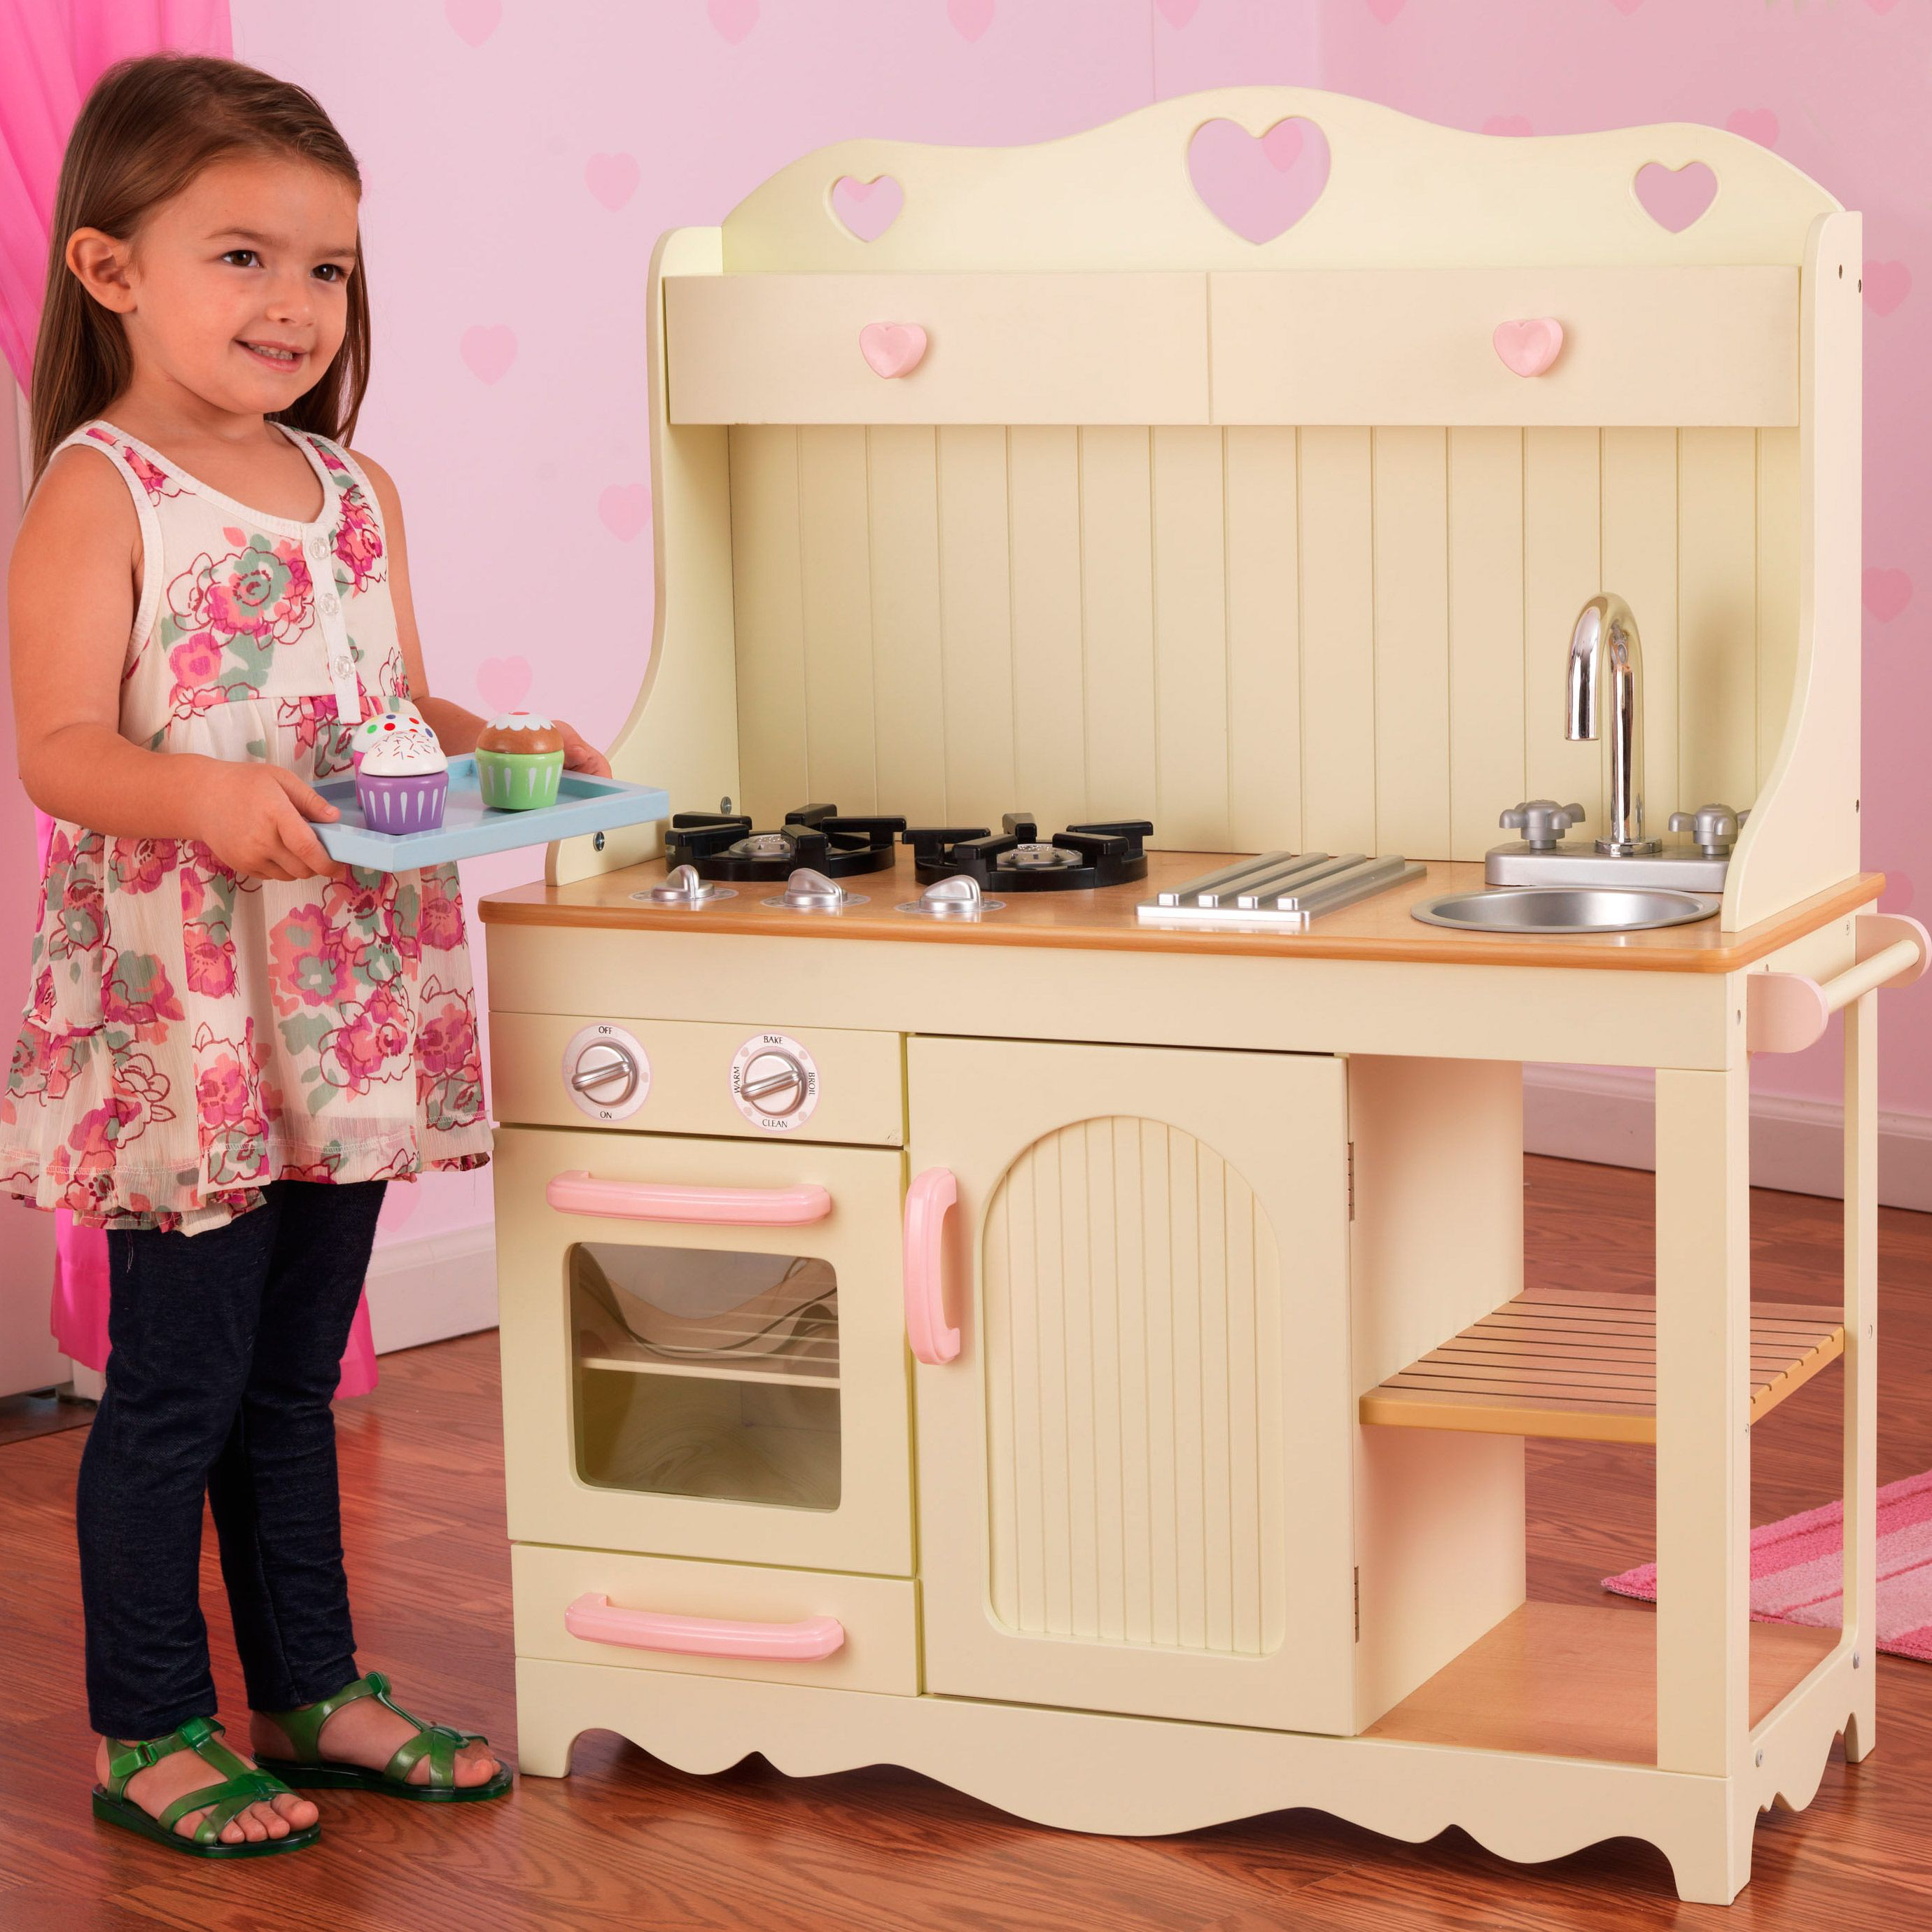 Selección de cocinas de juguete de madera | cocinitas | Pinterest ...